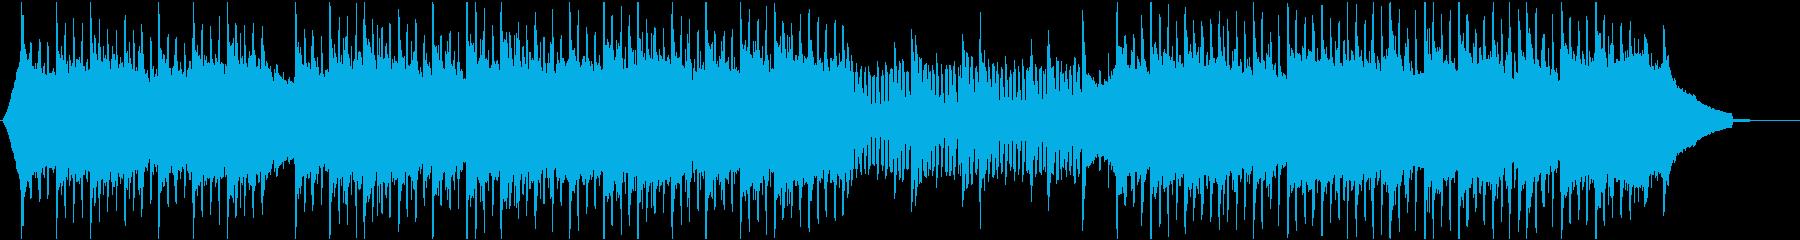 爽やかなコーポレート系BGM/企業VPの再生済みの波形